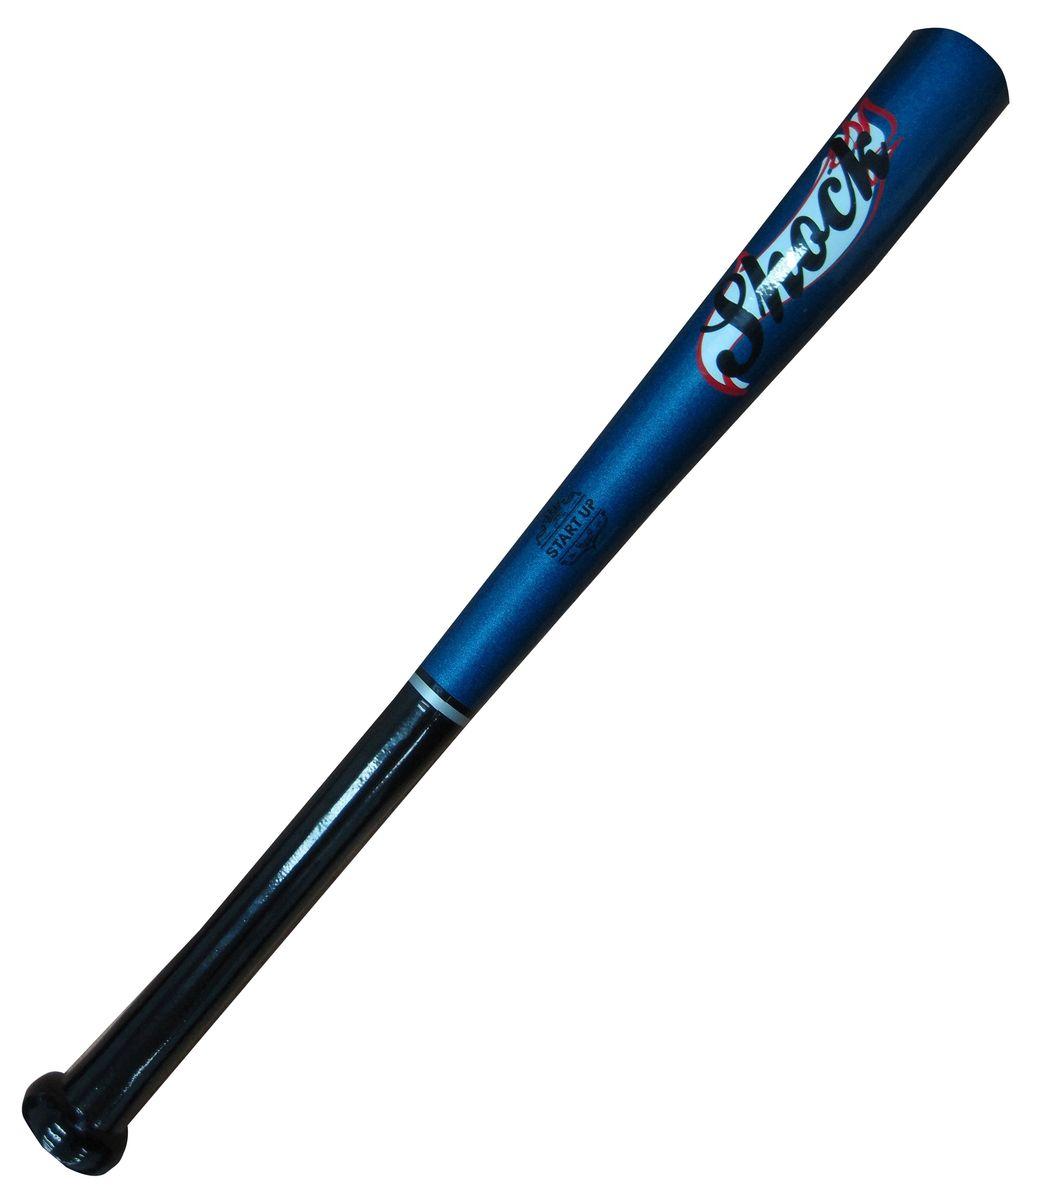 Бита бейсбольная Start UP R Shock, цвет: синий, черный, 21BY4533Бейсбольная бита Start Up выполнена из каучукового дерева, а это значит, что она невероятно прочная и плотная. Размер - 21 (53 см).